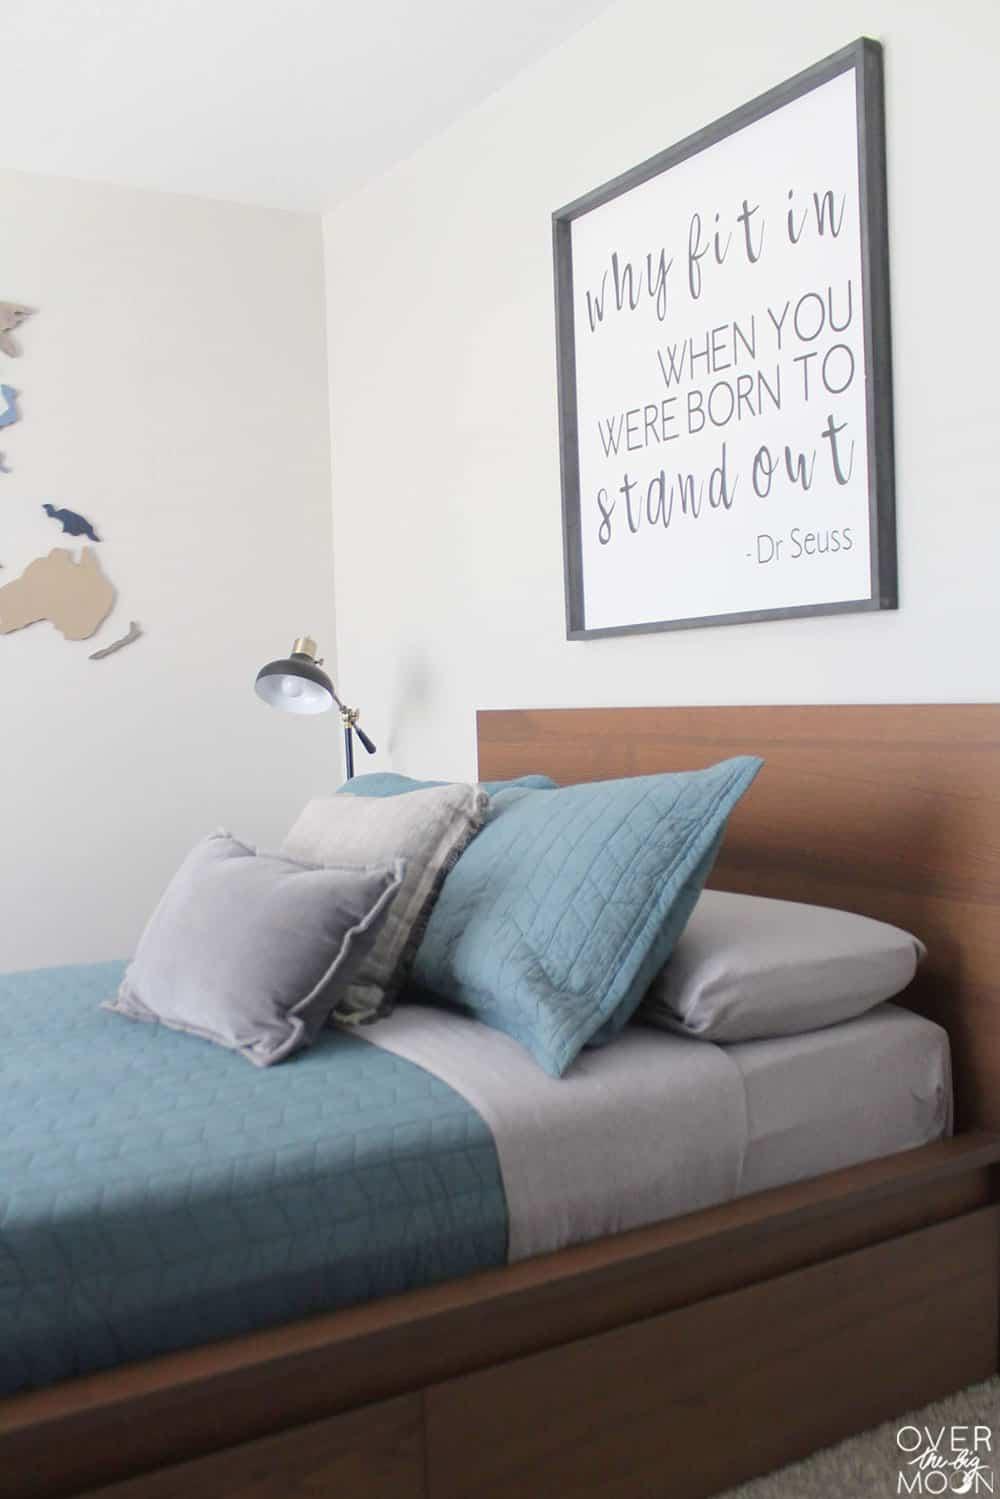 Super easy ways to update a bedroom! From overthebigmoon.com!